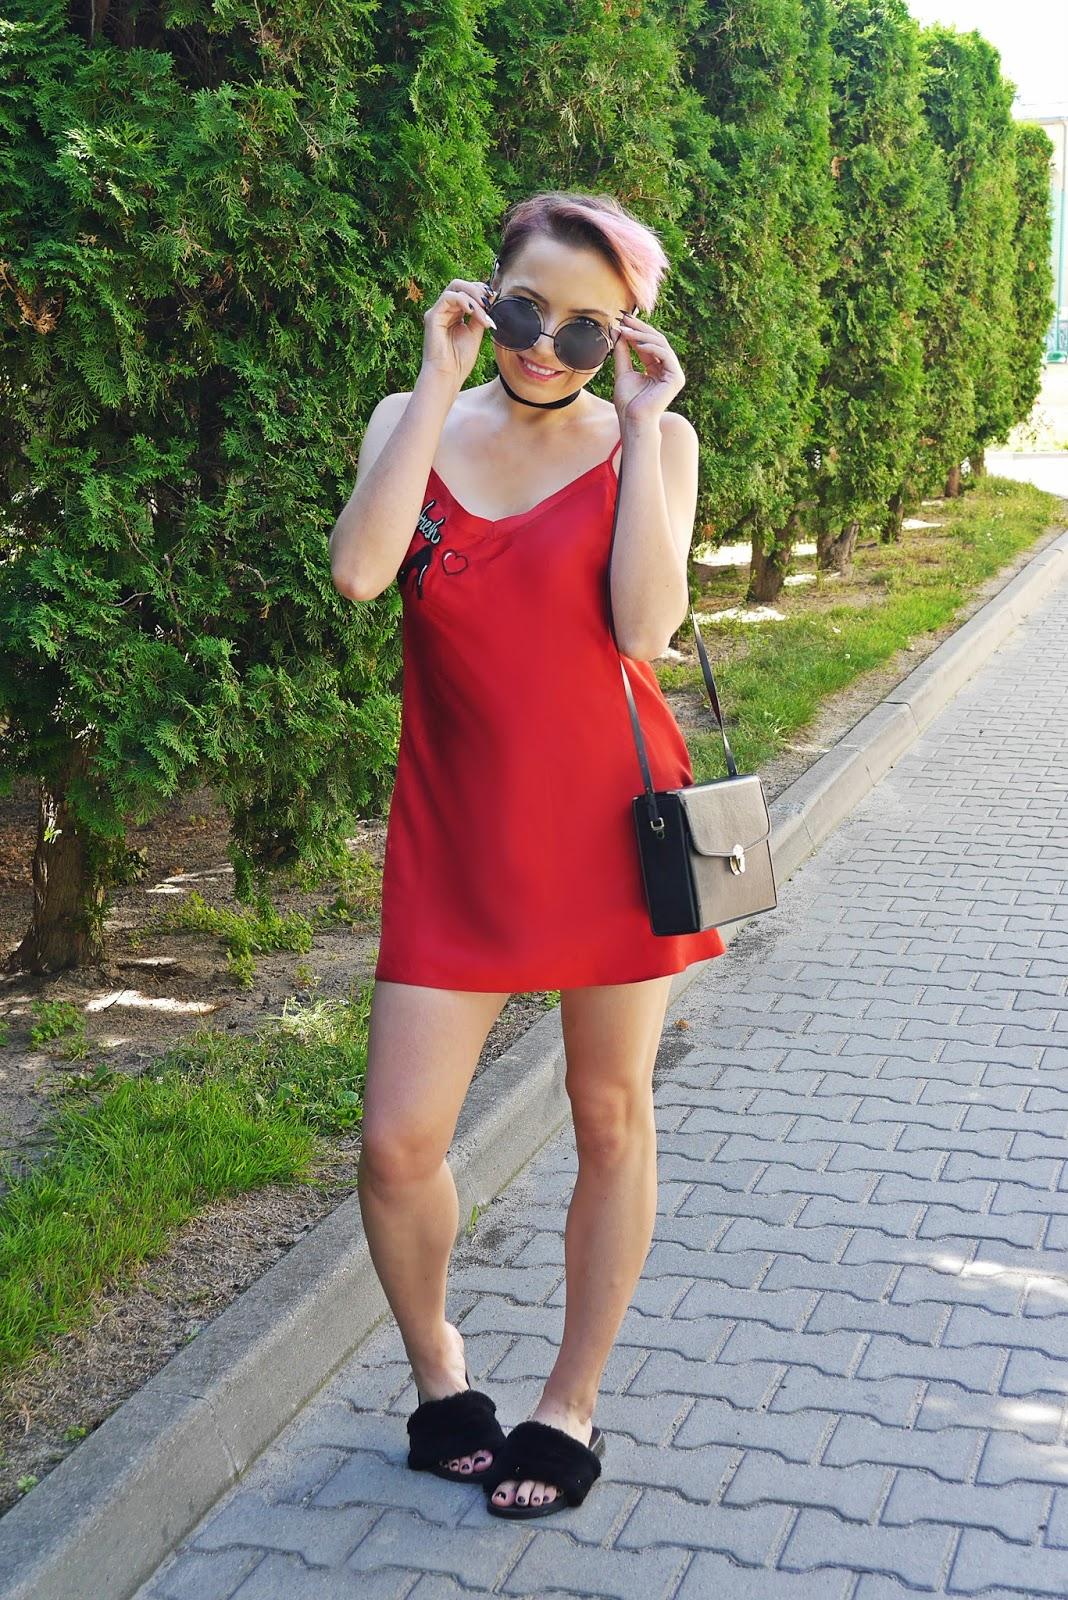 satynowa_sukienka_wlochate_klapki_karyn_blog_modowy_190717c